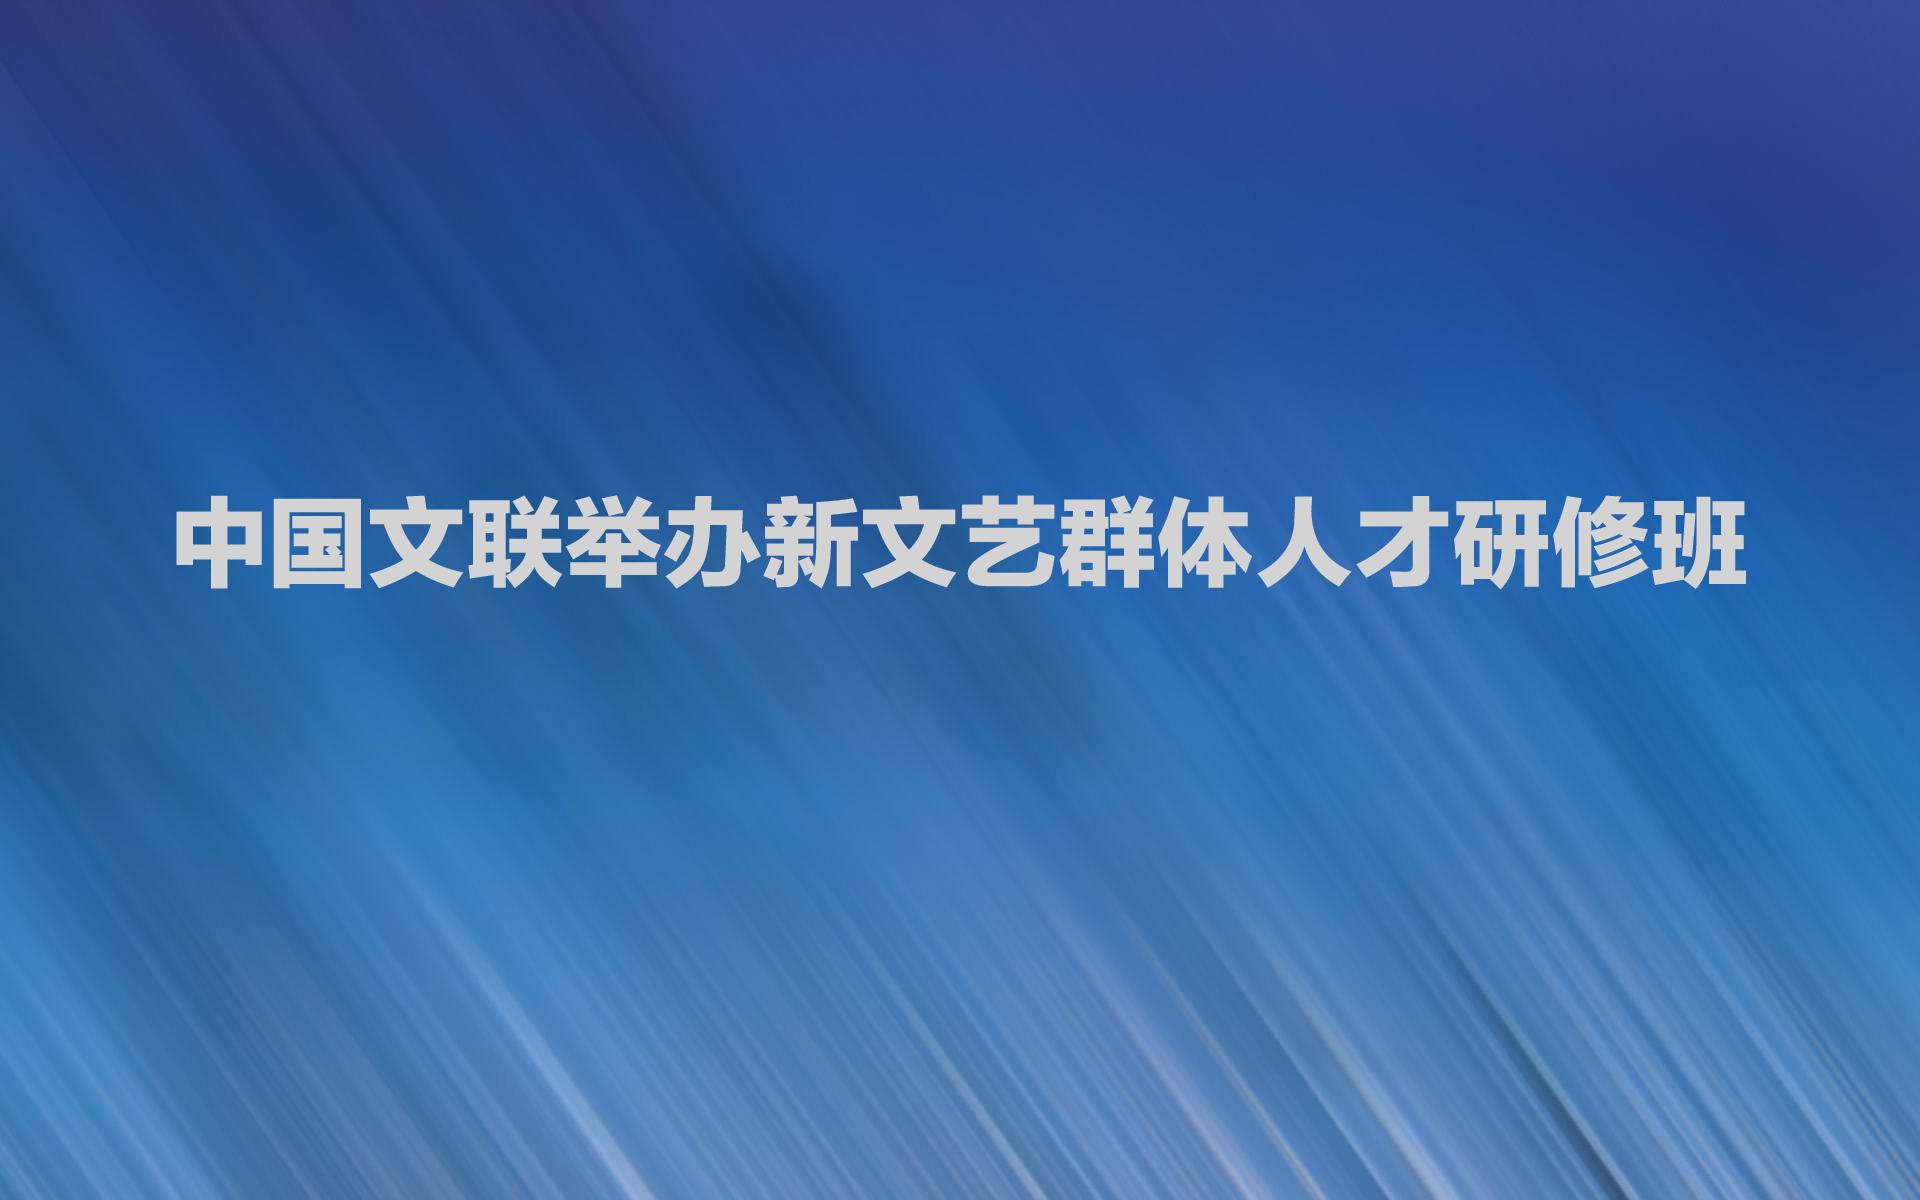 背景1.jpg